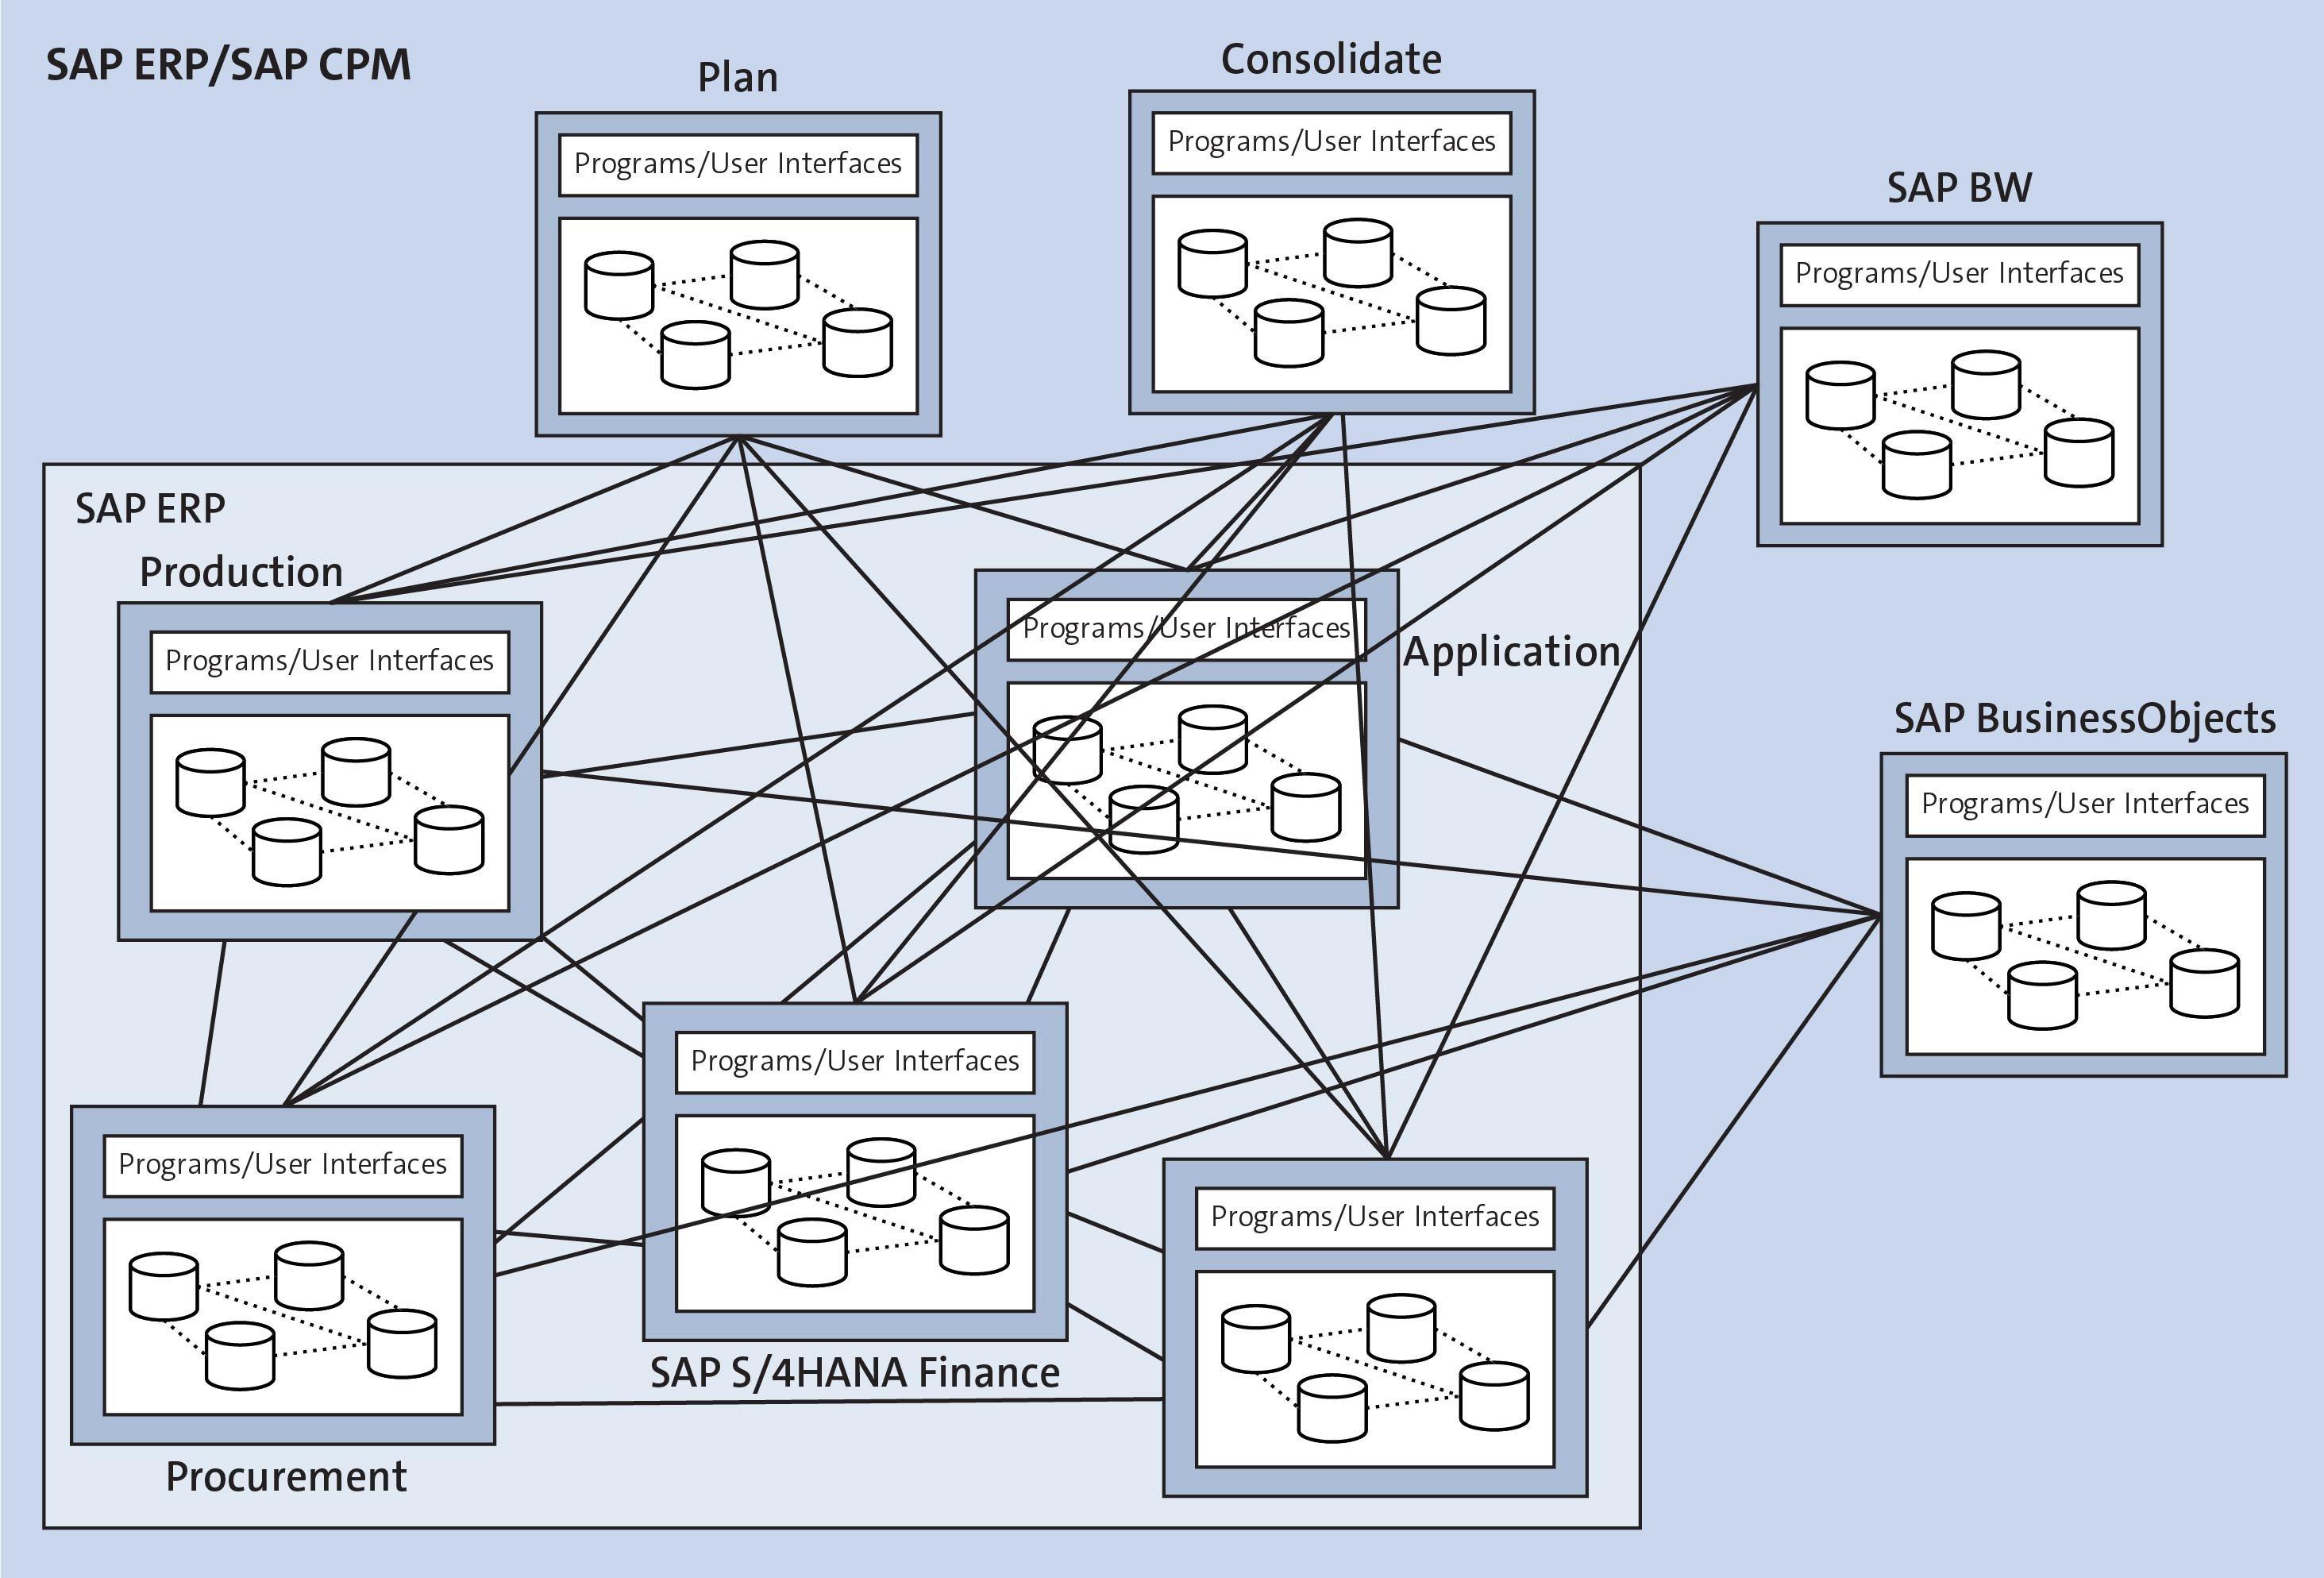 SAP ERP/CPM